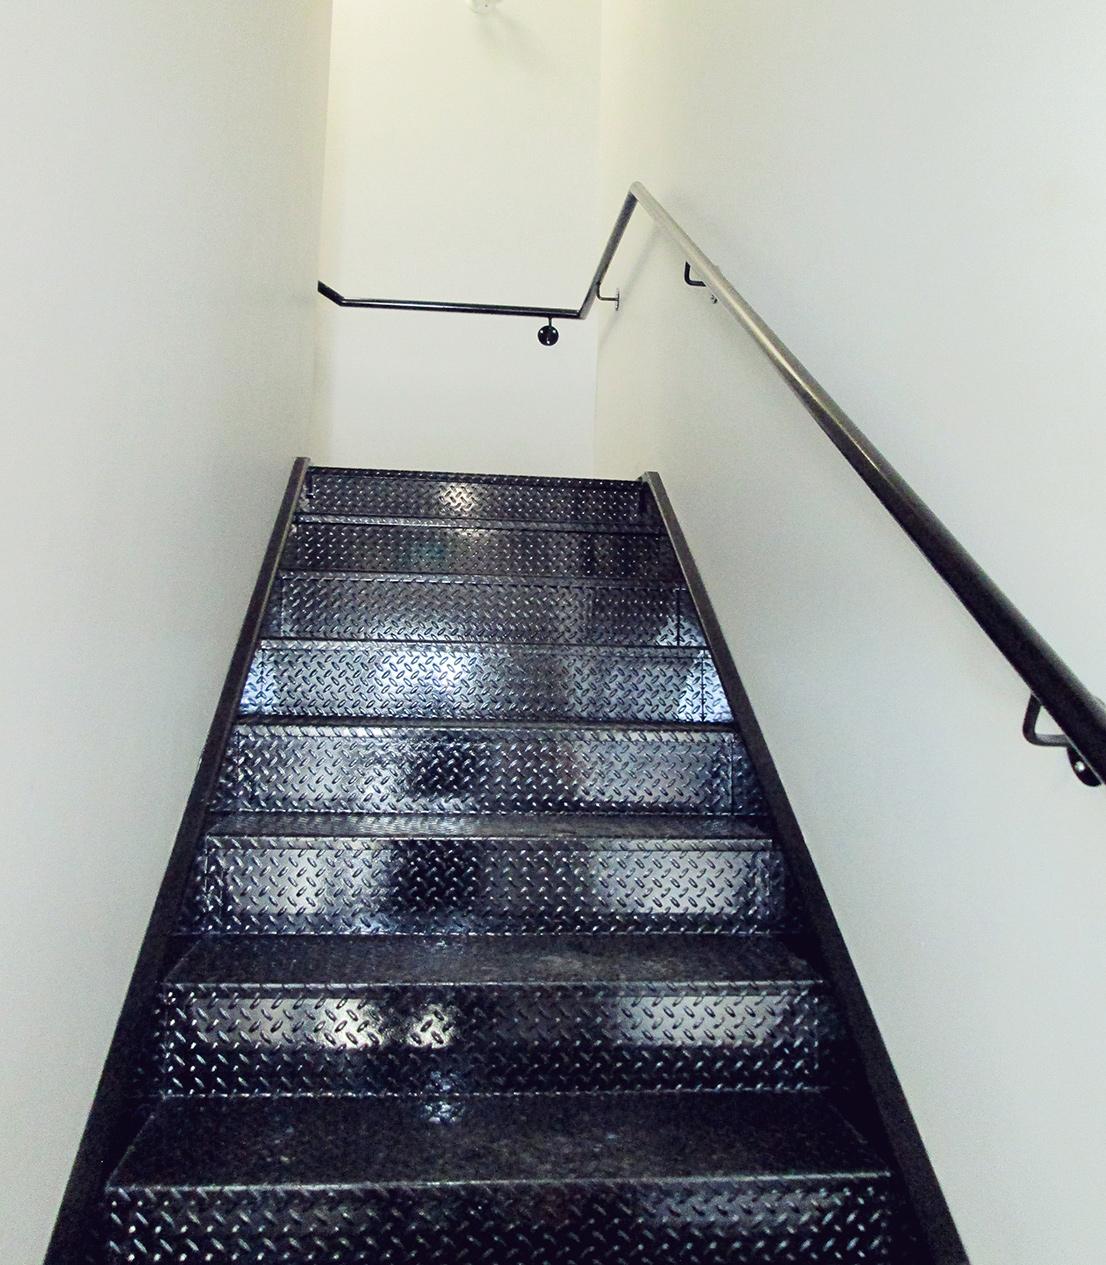 Escalier intérieur et main-courante en acier peint